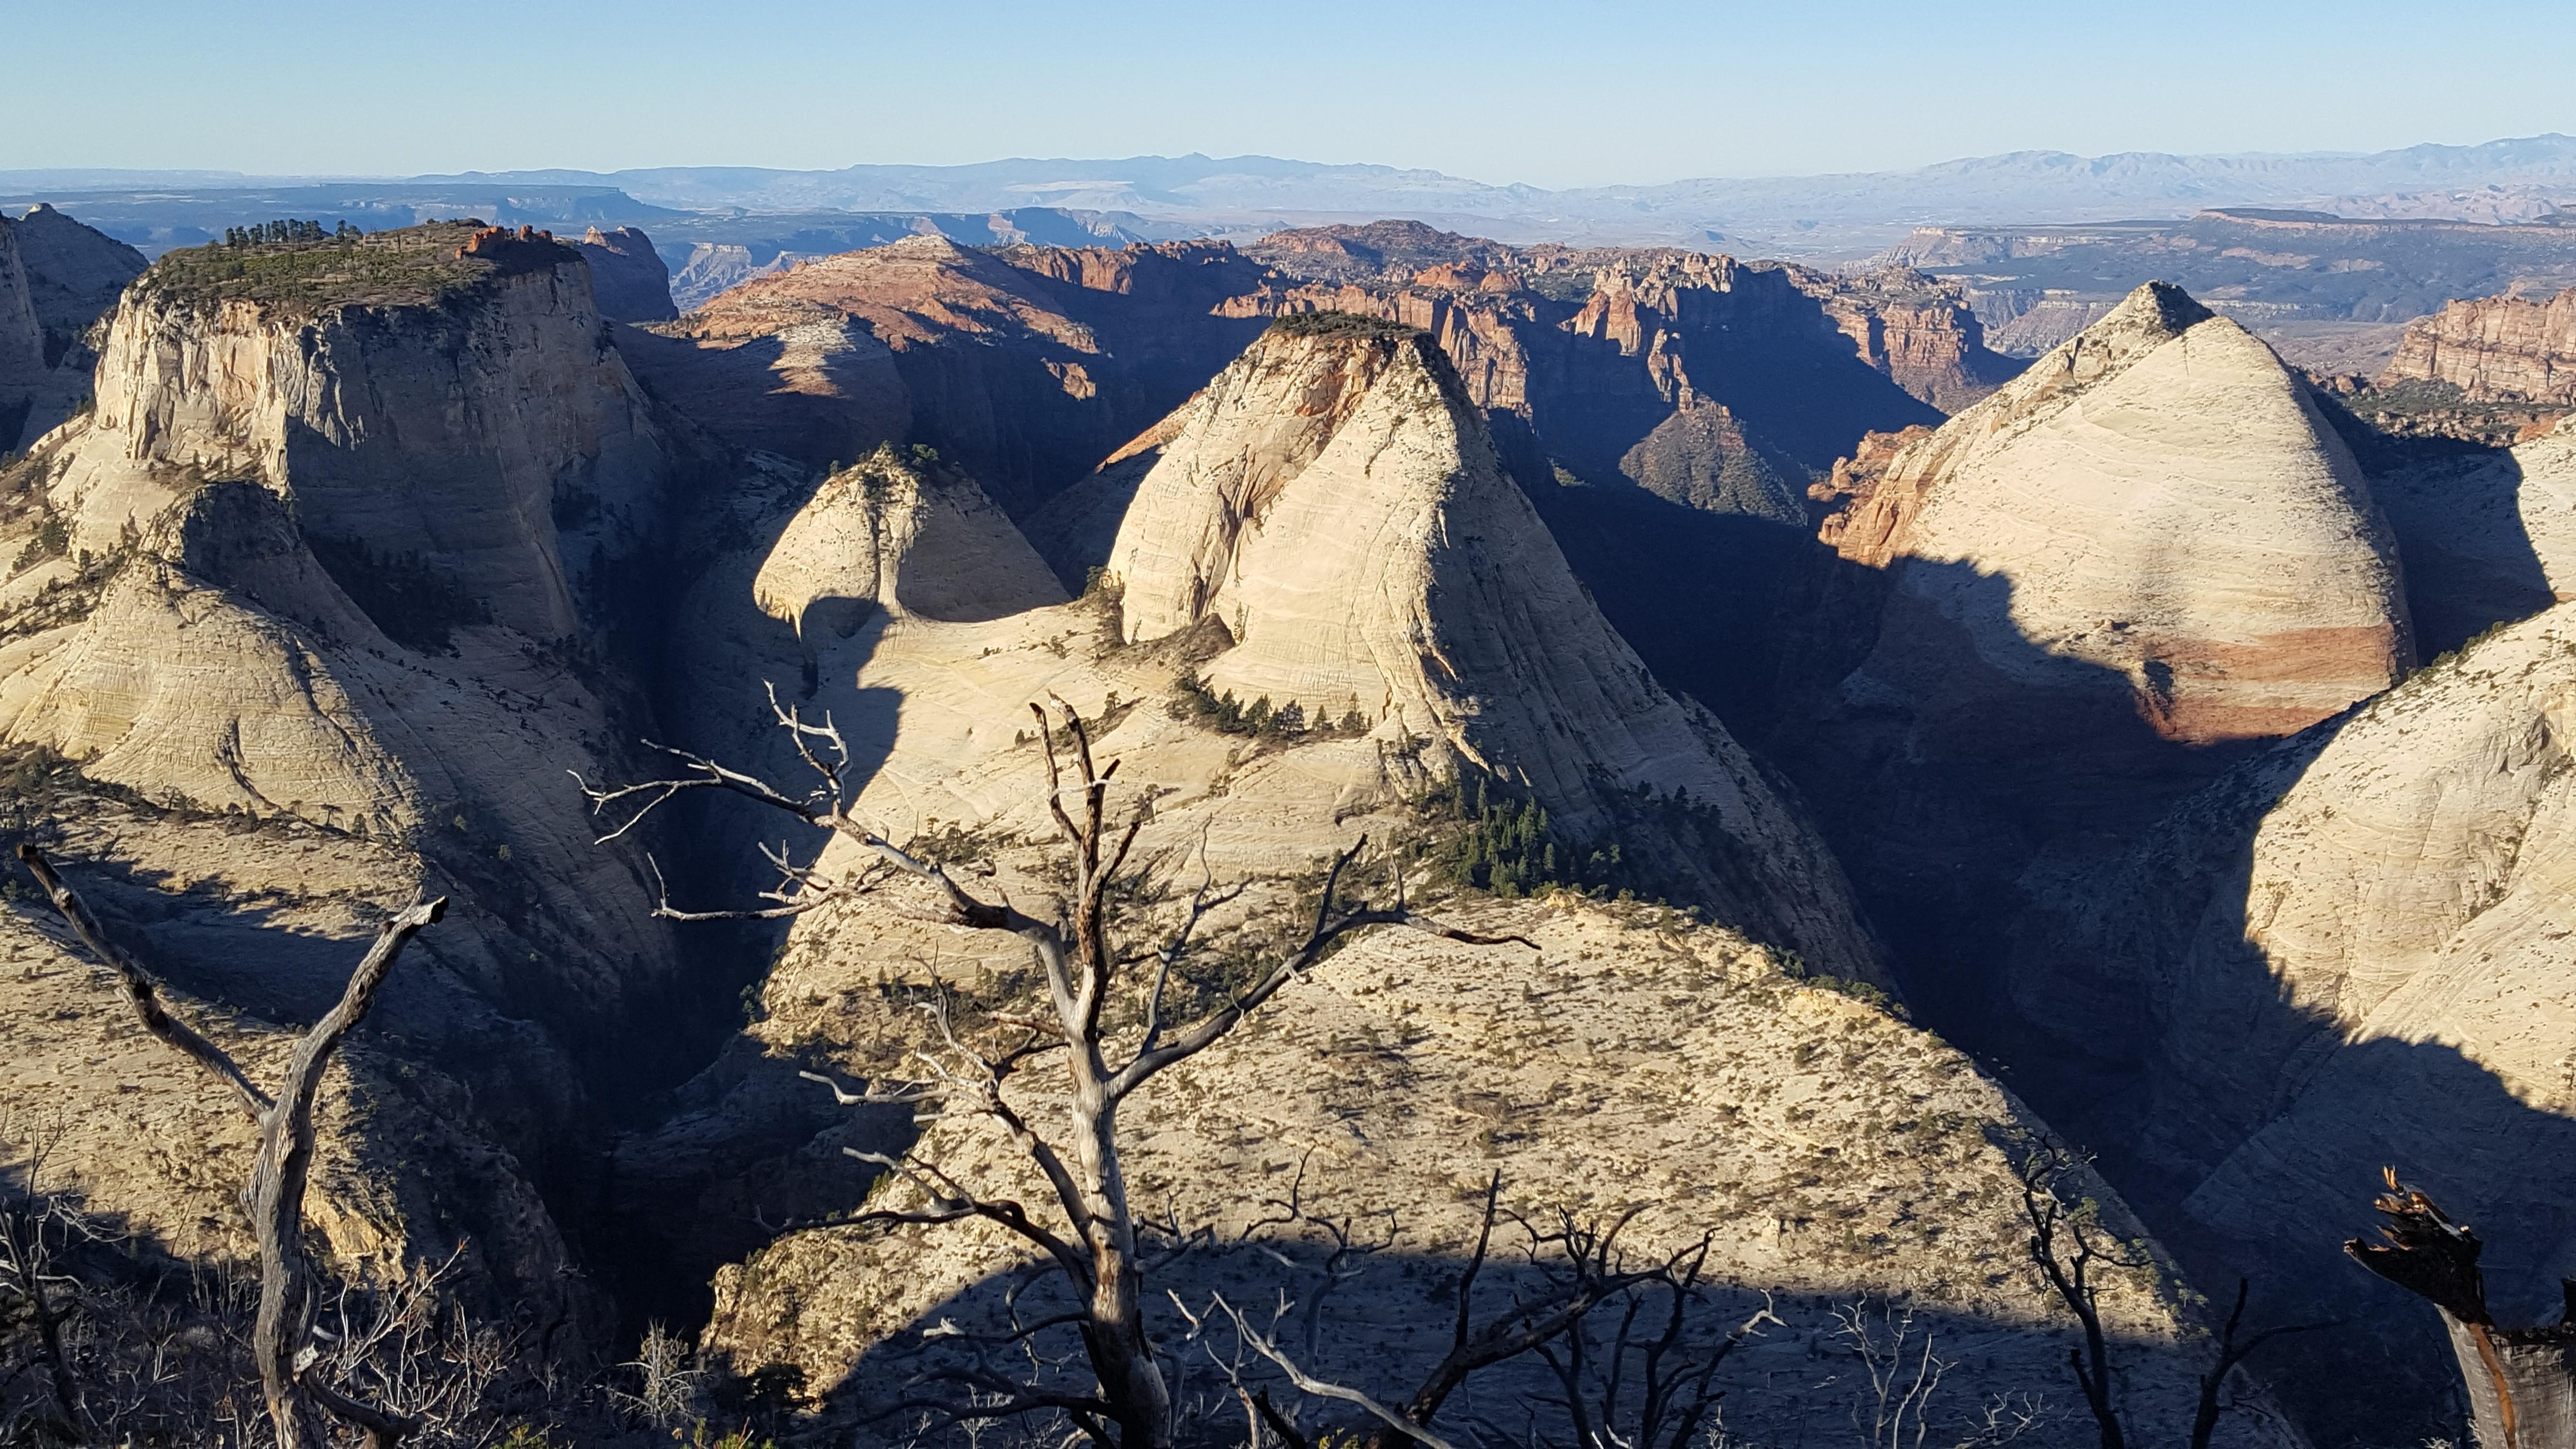 West Rim Trail – Zion National Park